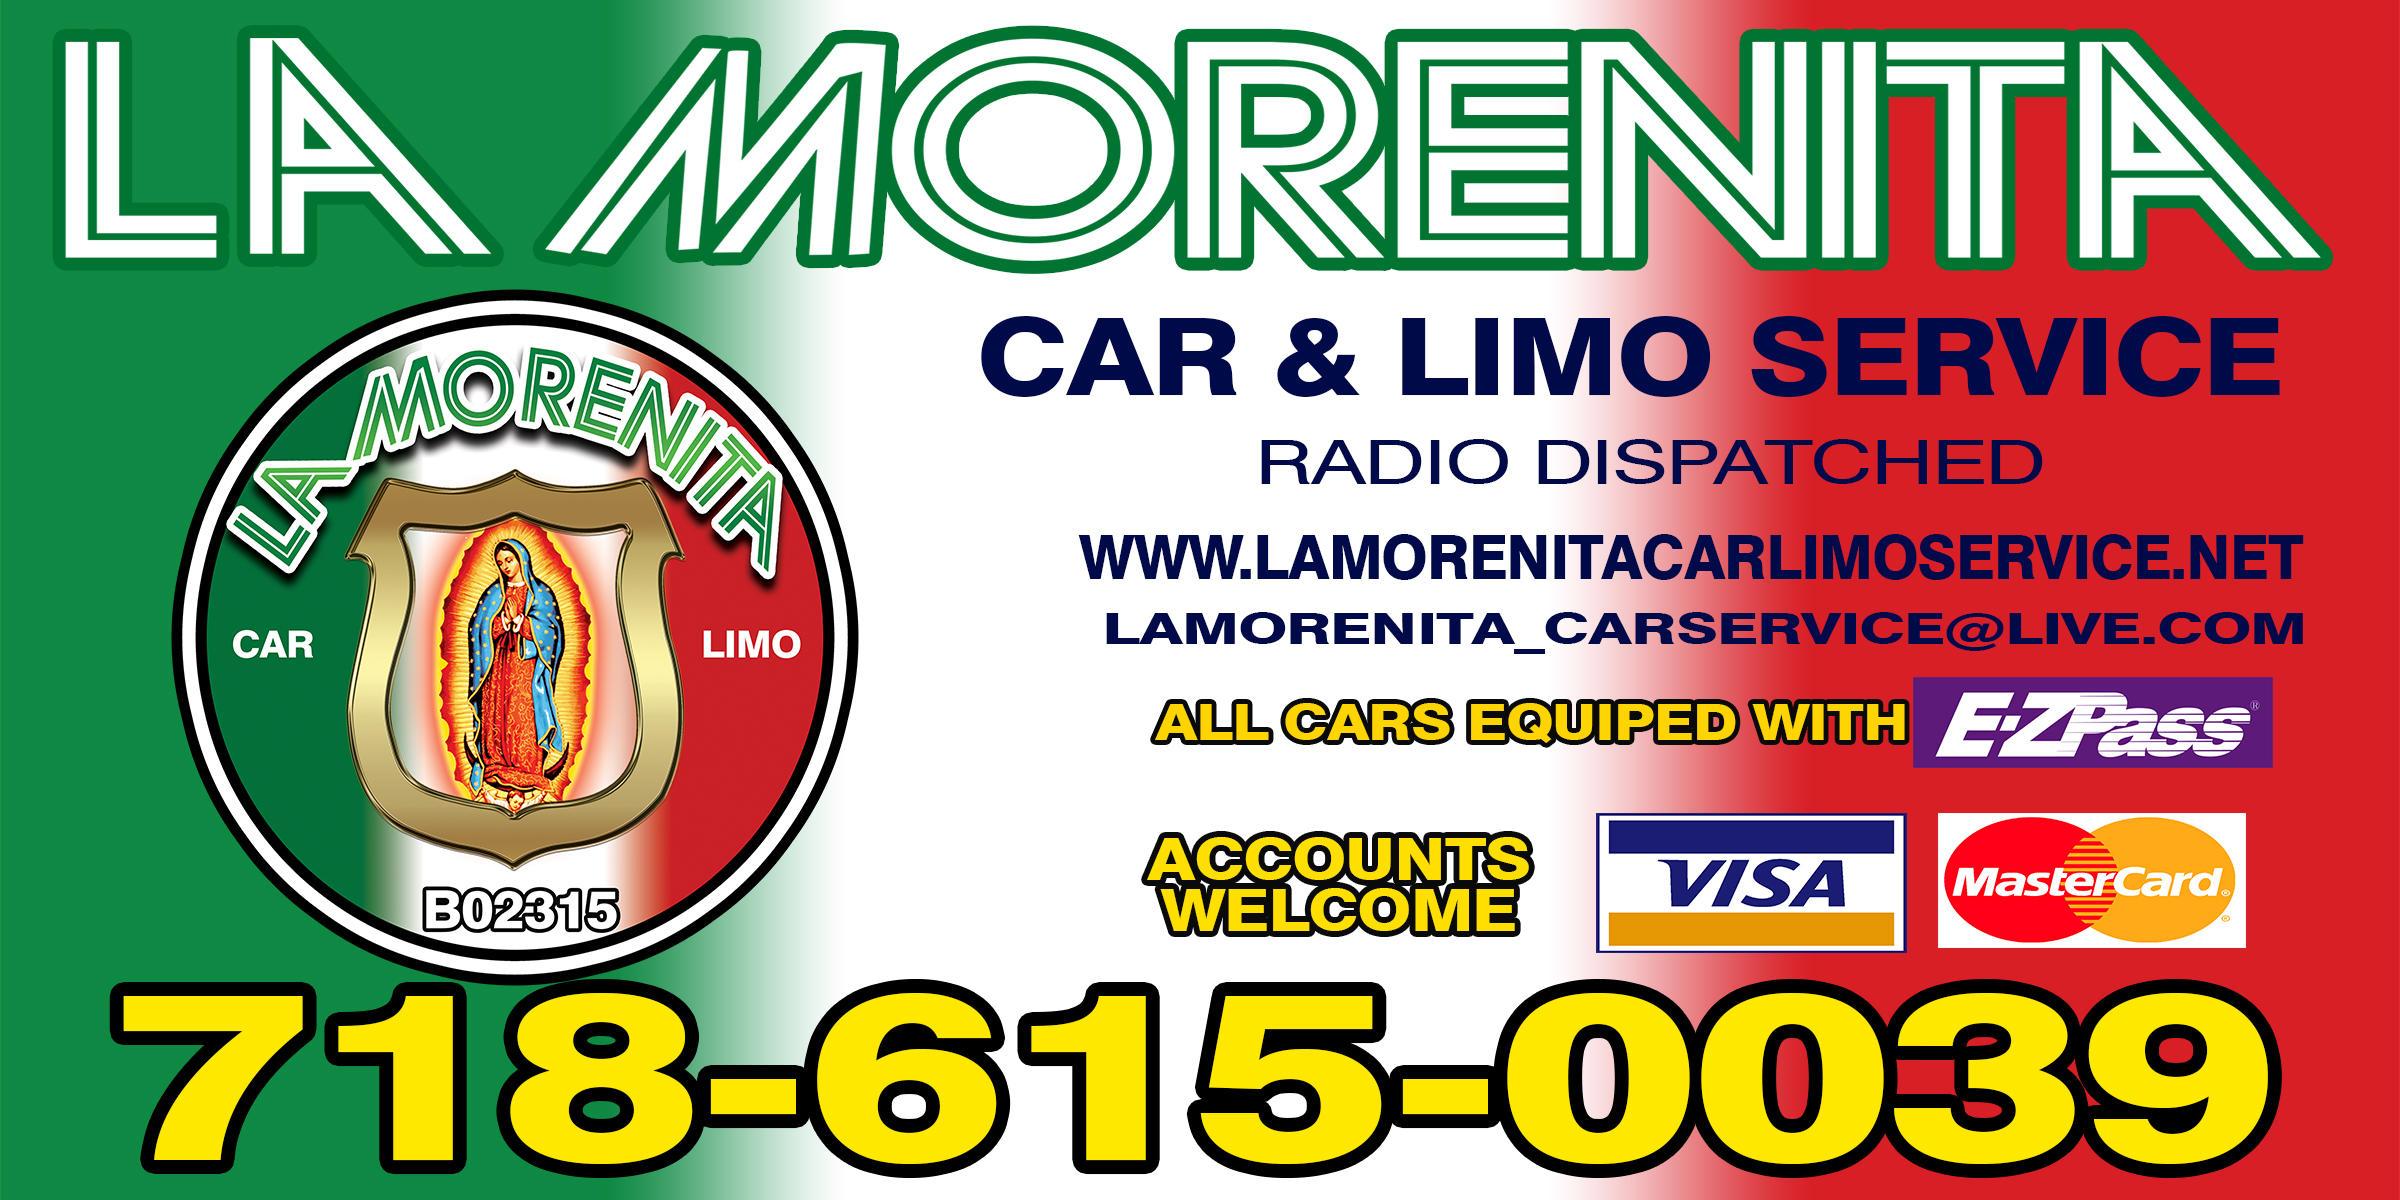 La Morenita Car